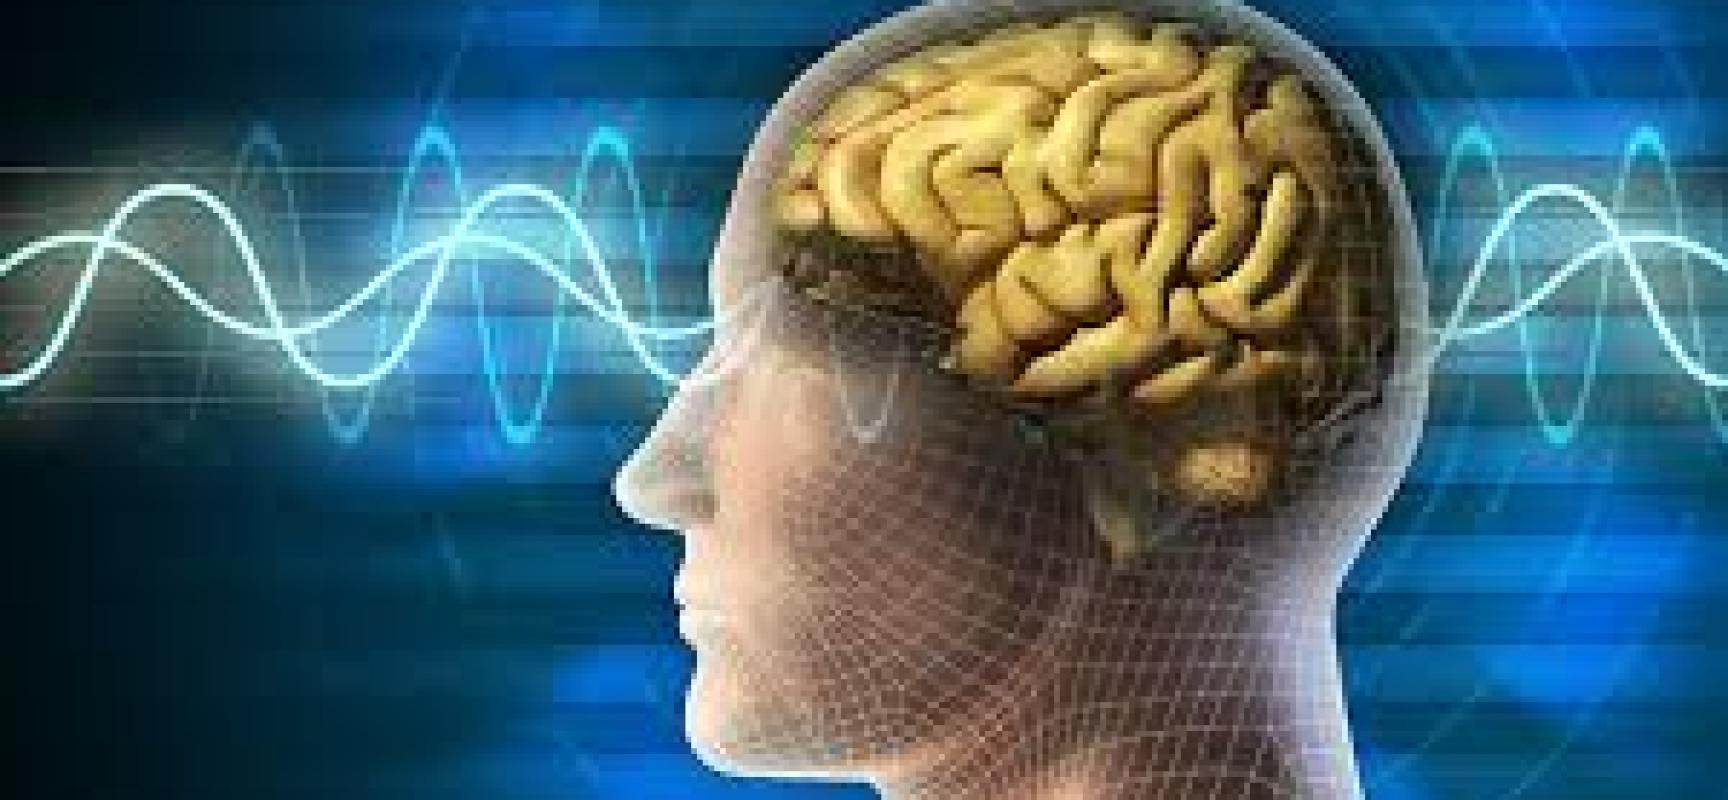 Mañana en radio: Ajedrez y neurociencia